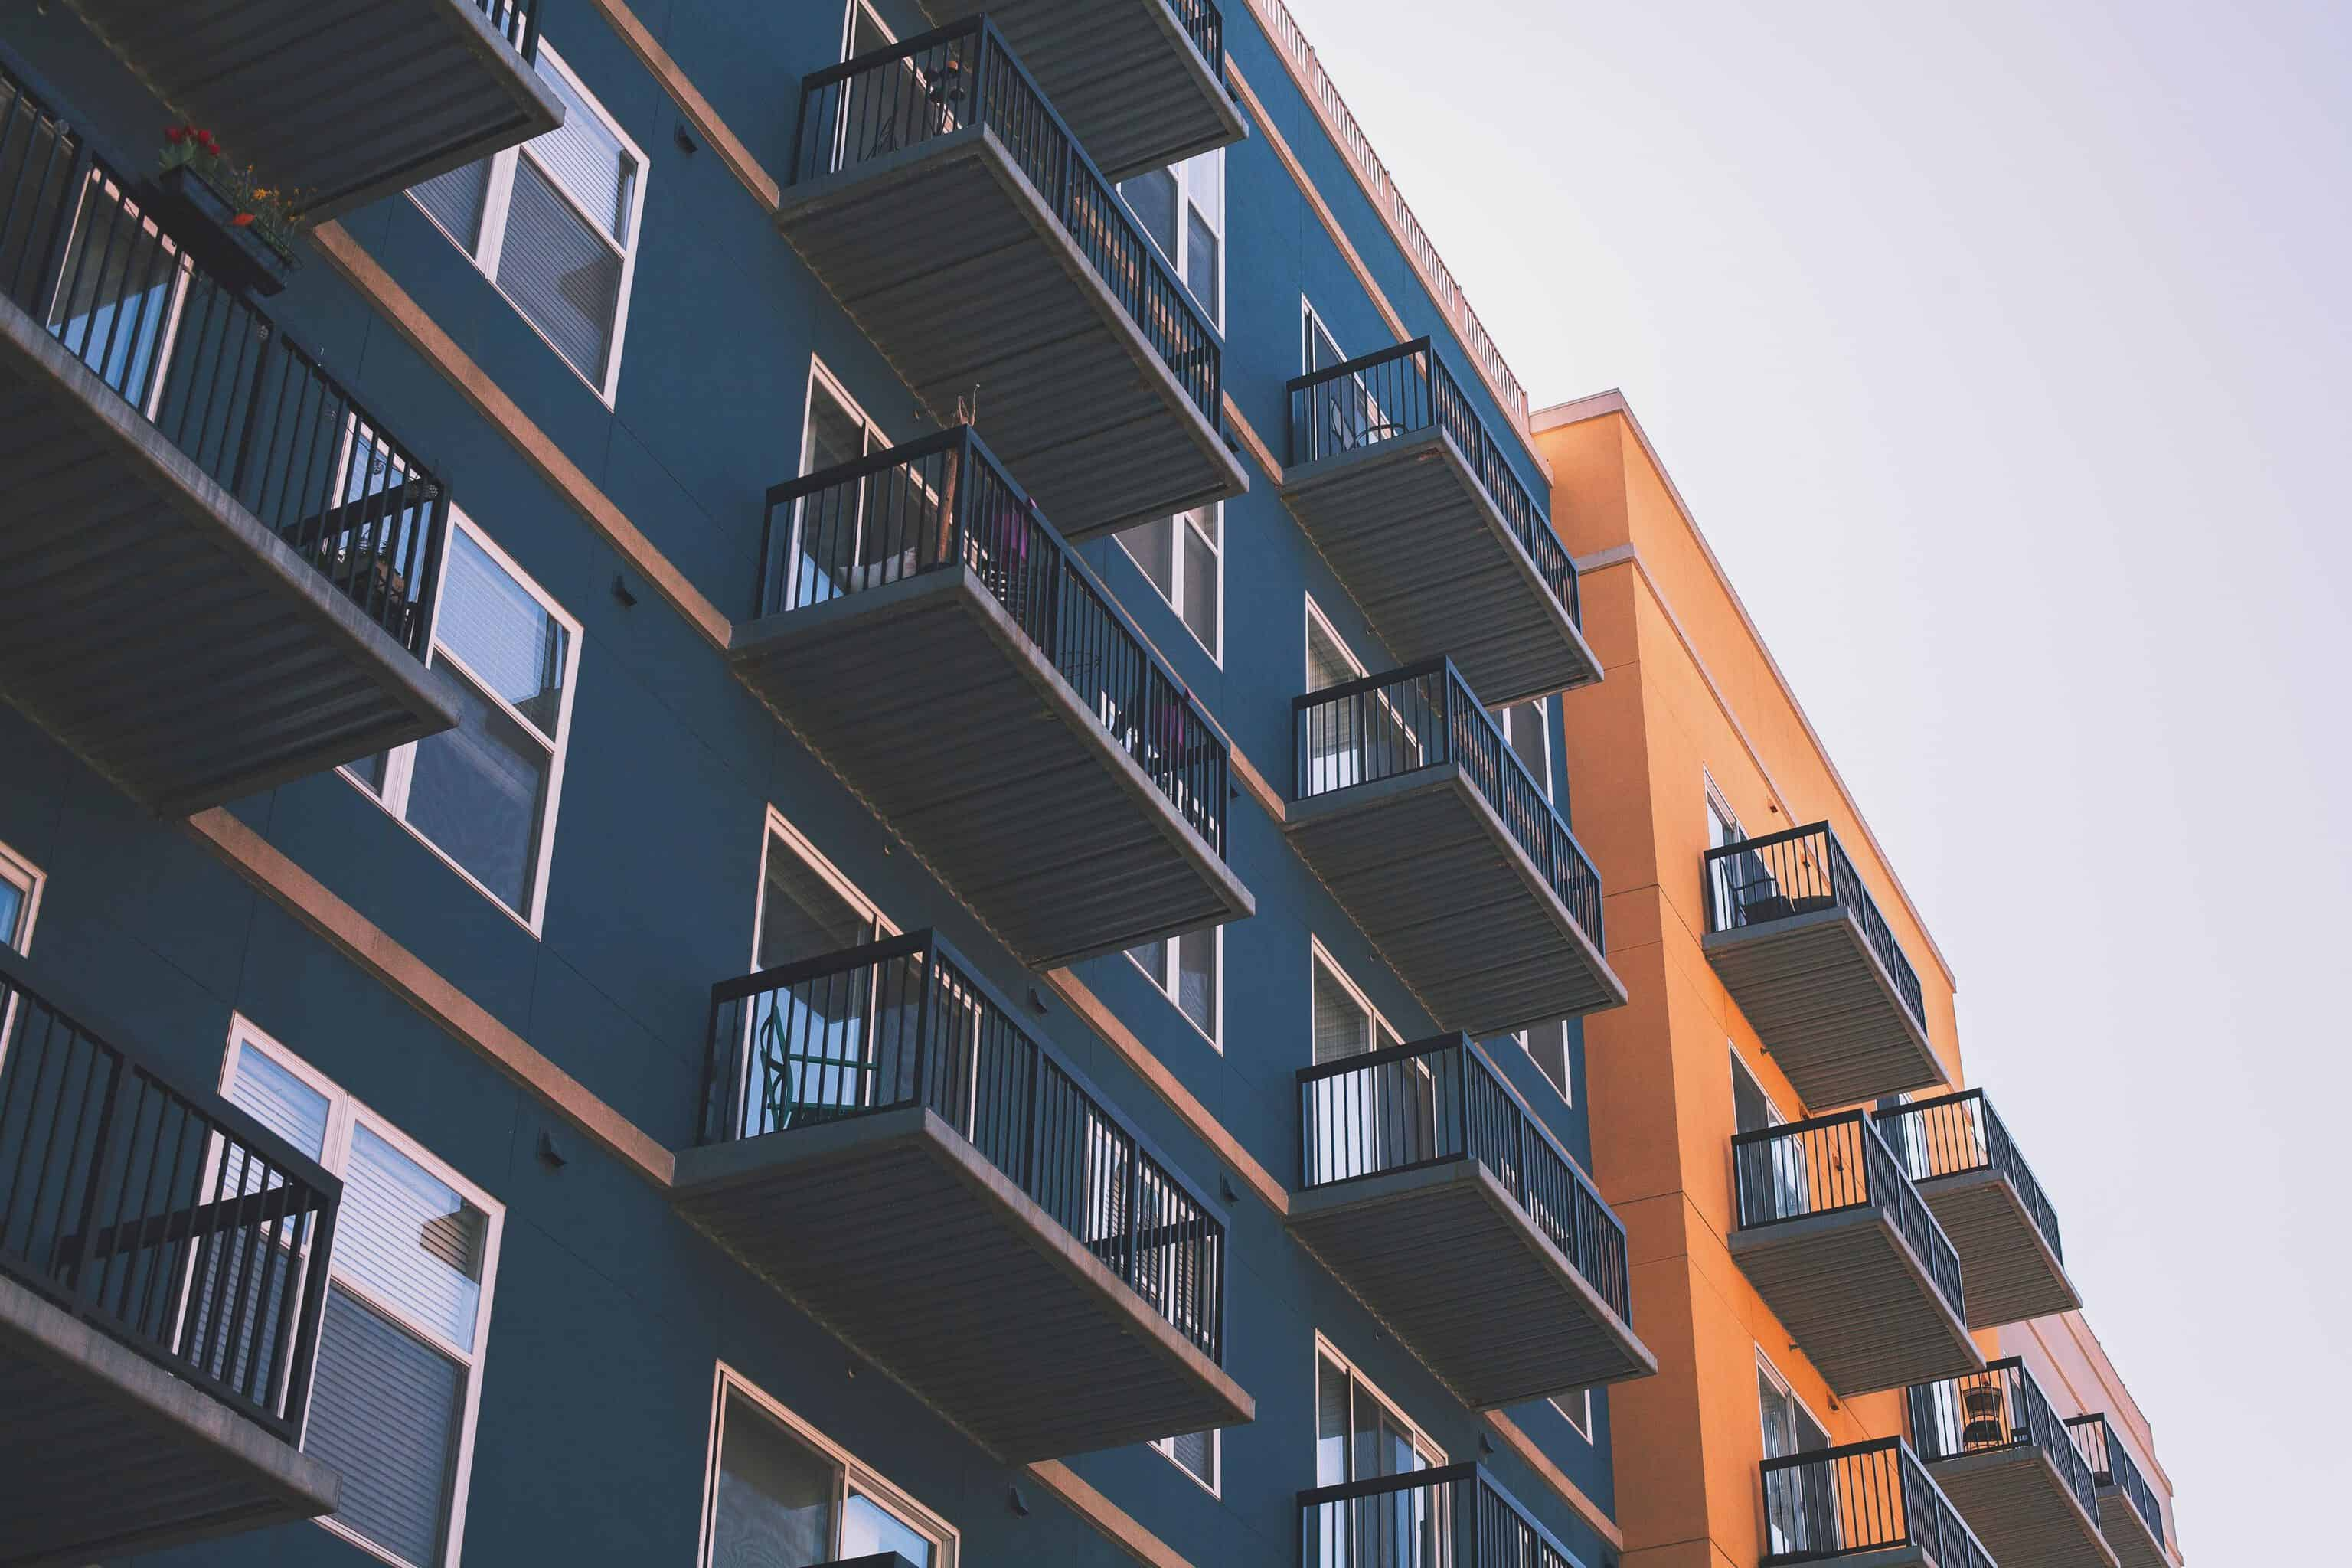 predios azuis com casas com varanda